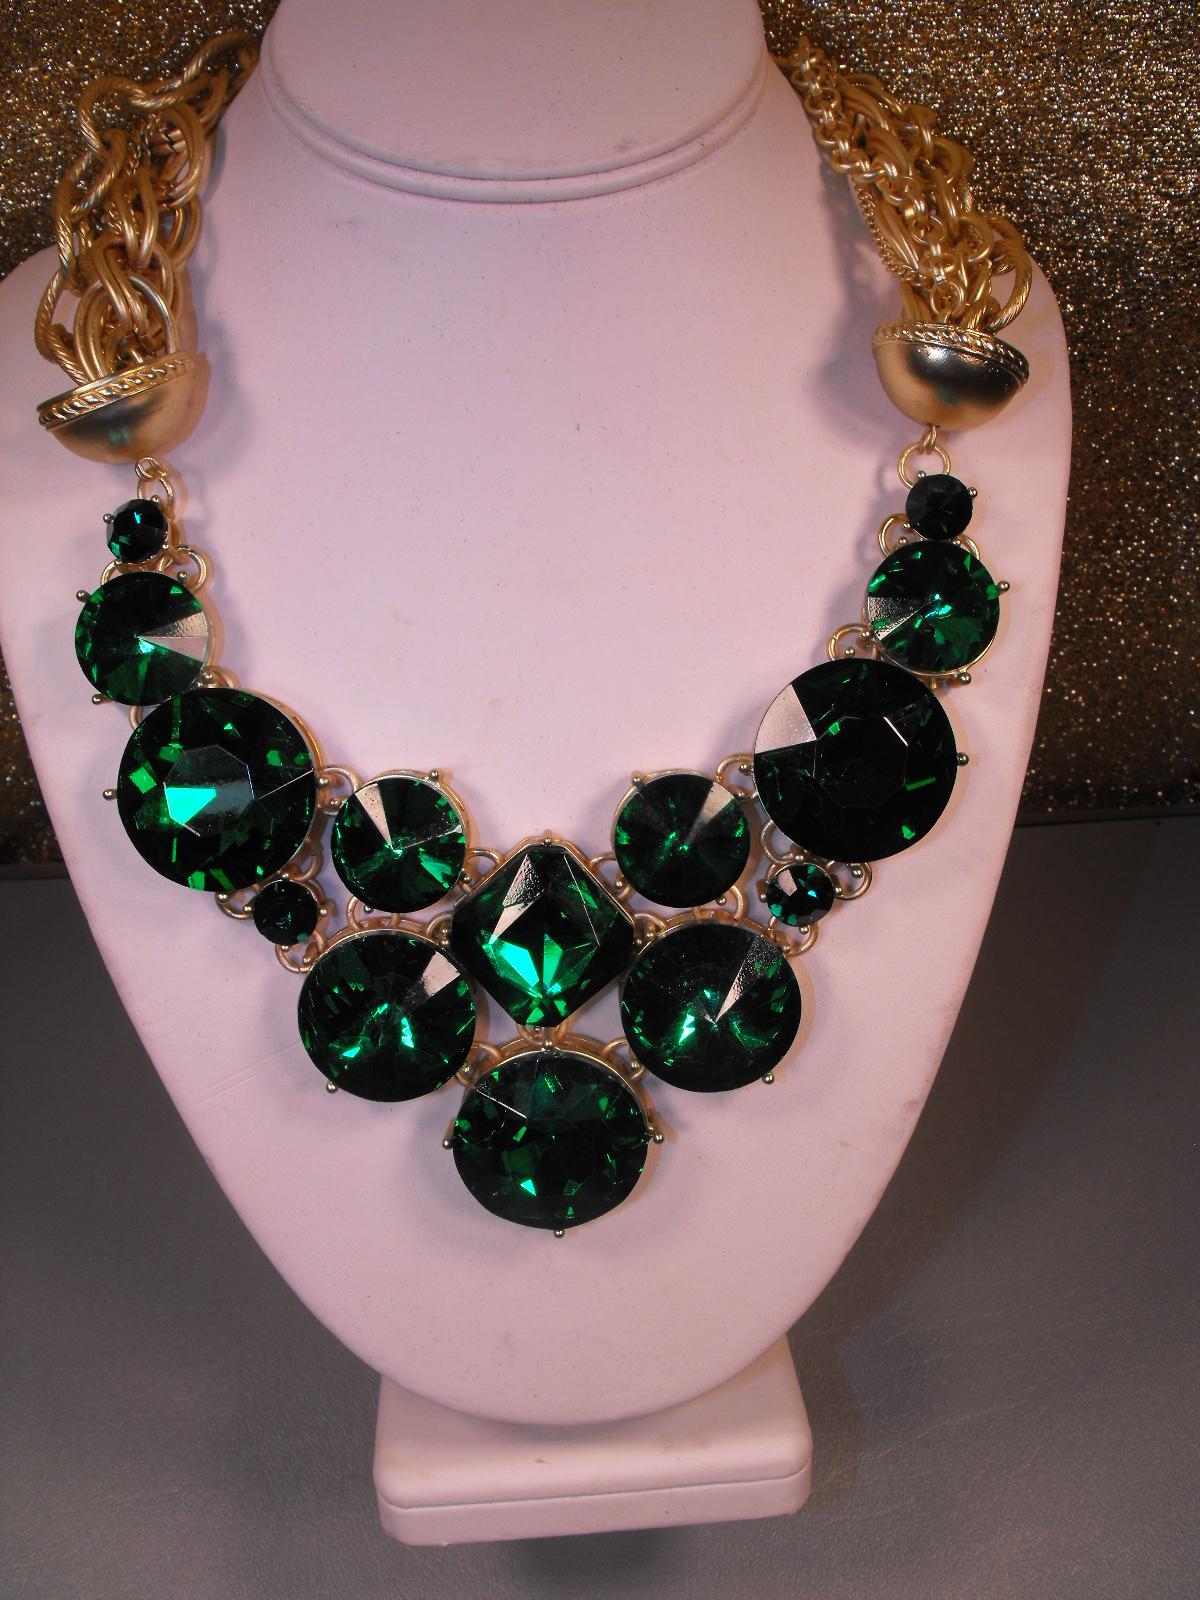 Emerald Green Lucite Fashion Necklace Clive S Unique Jewelry